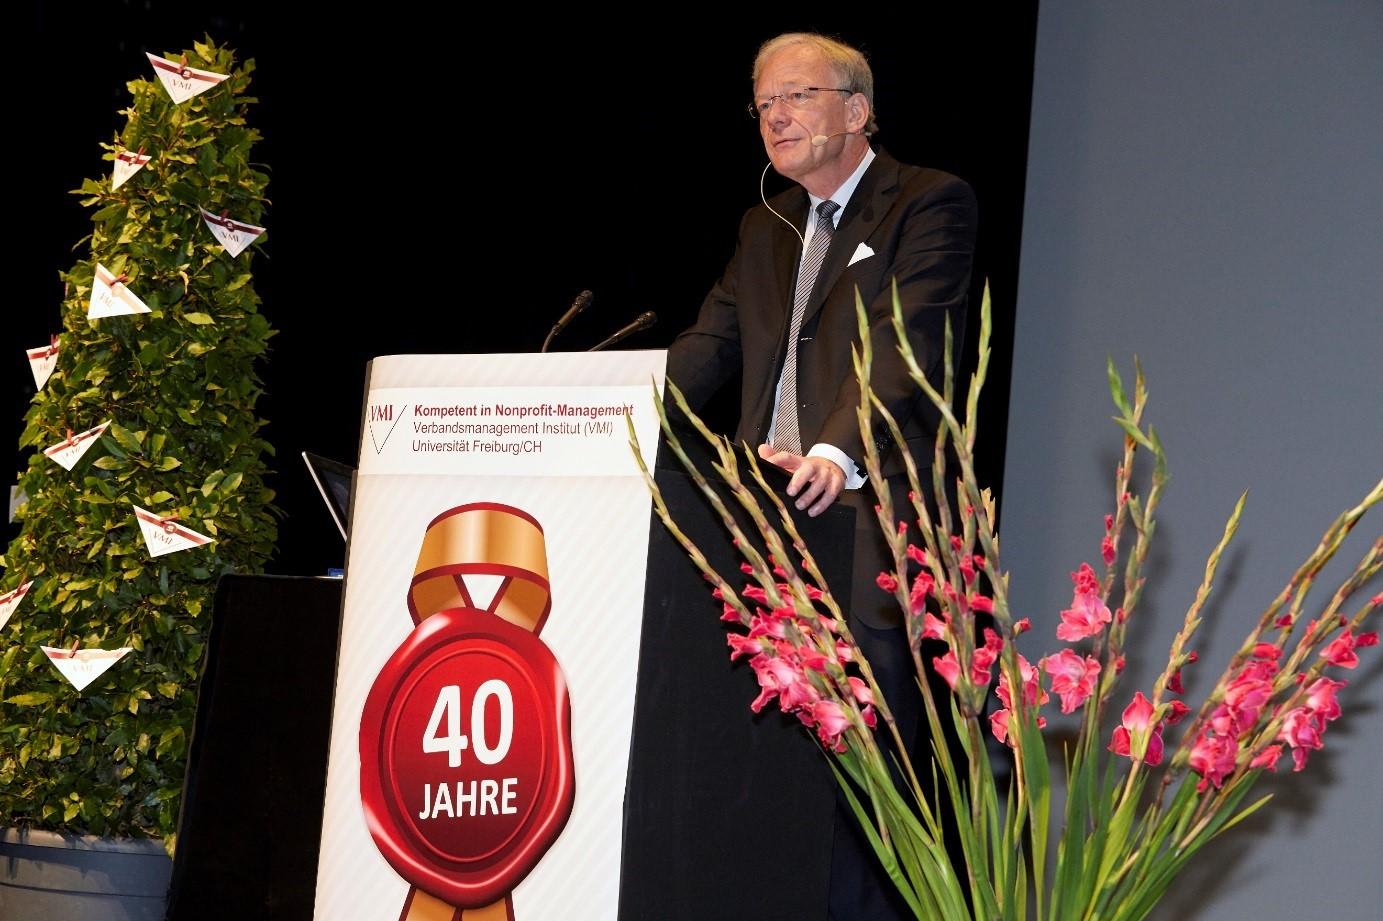 Prof. Dr. Michael Göring